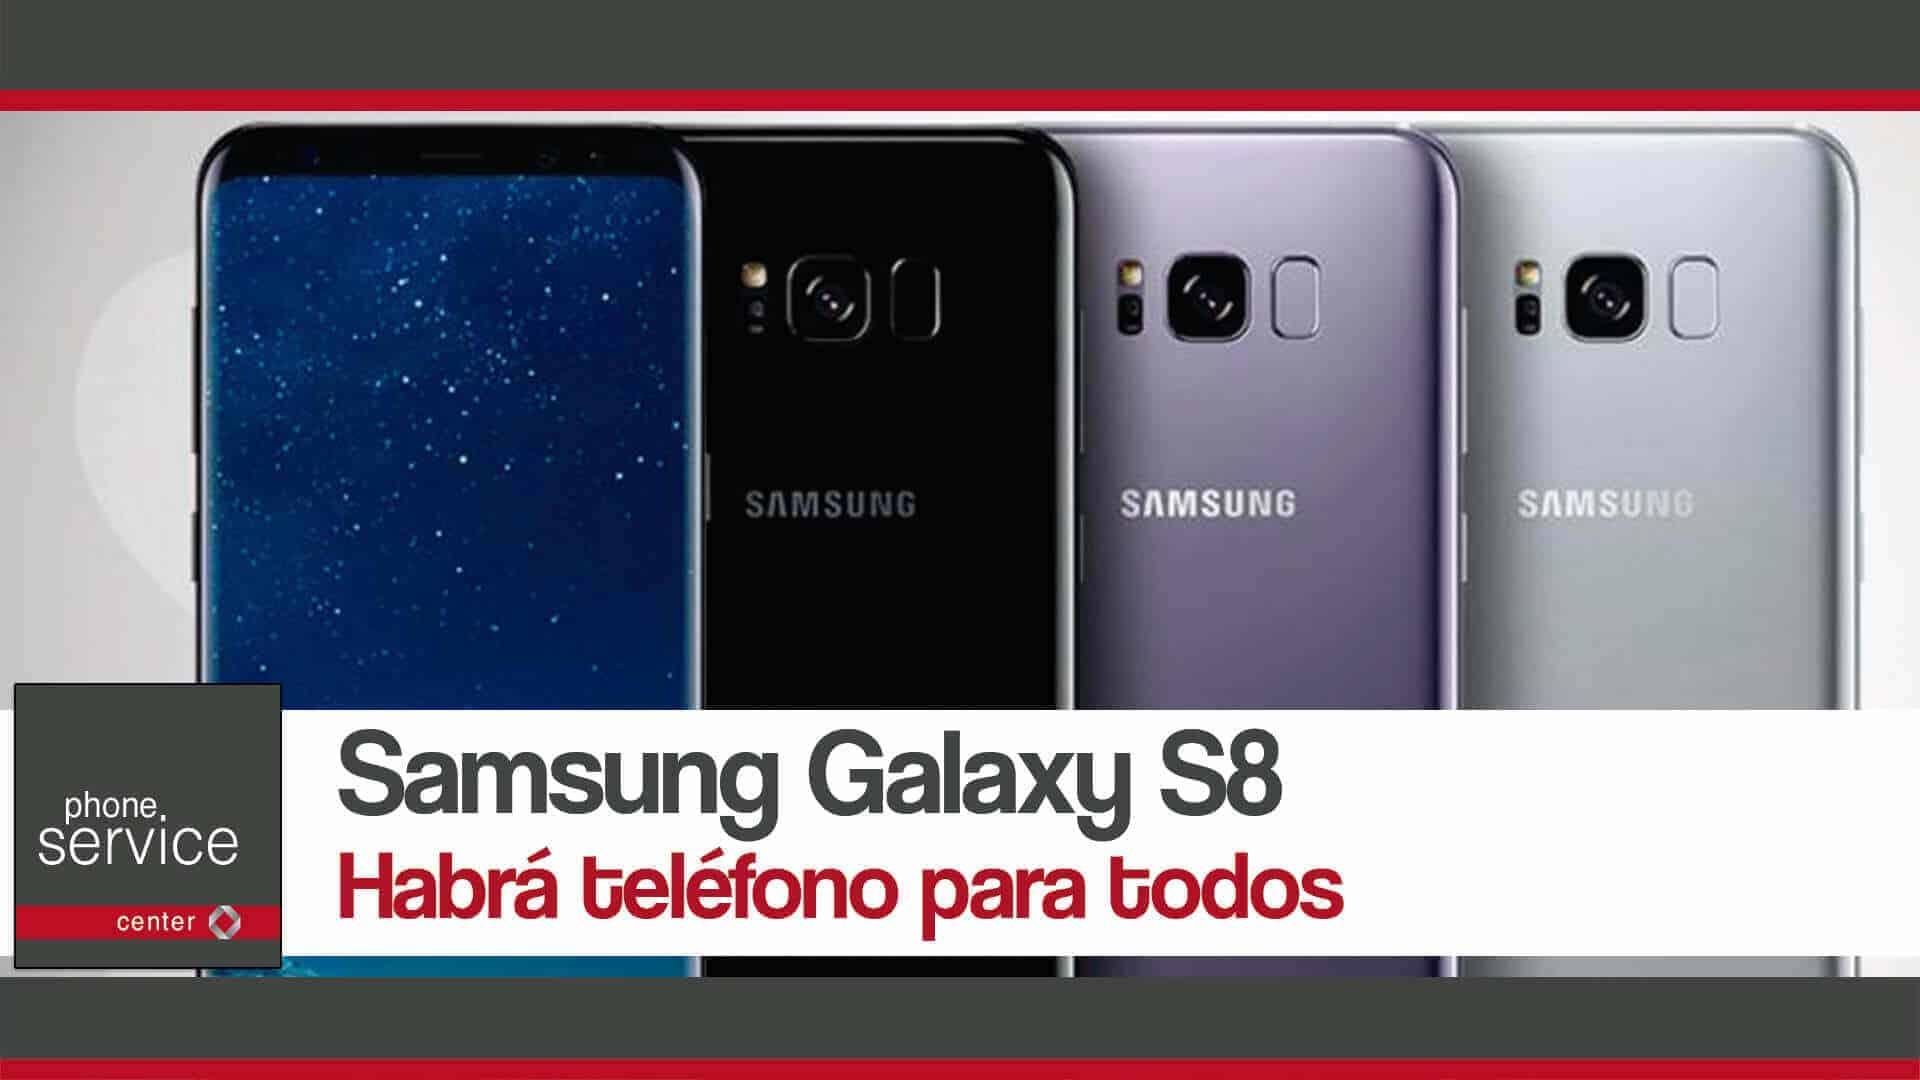 Galaxy S8 habra telefono para todos